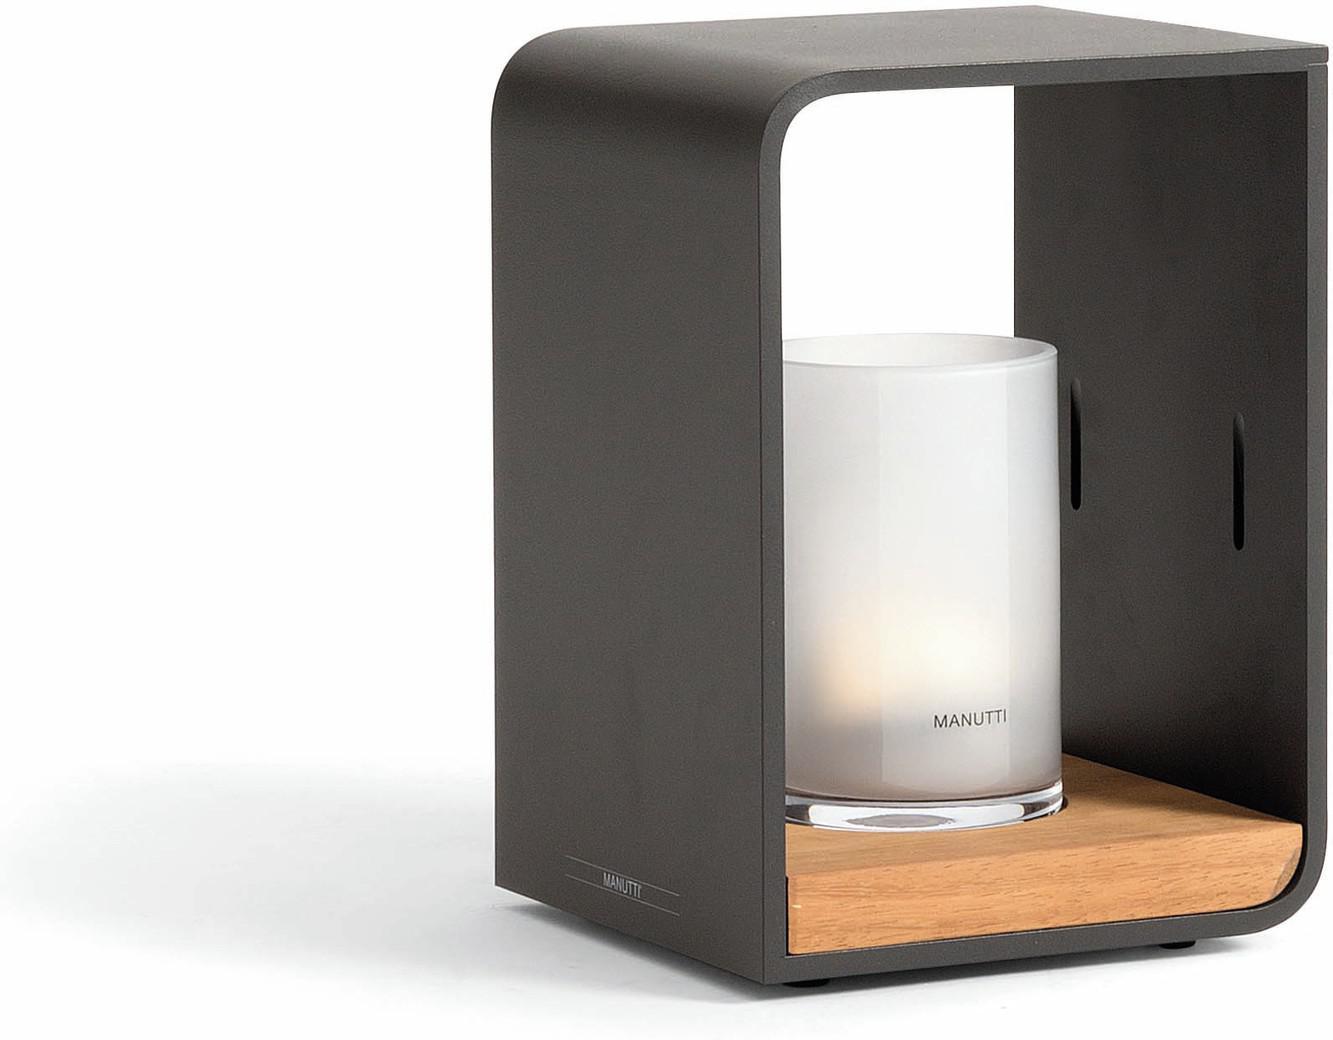 Flame lumo (petit modèle) - Led - lave - iroko